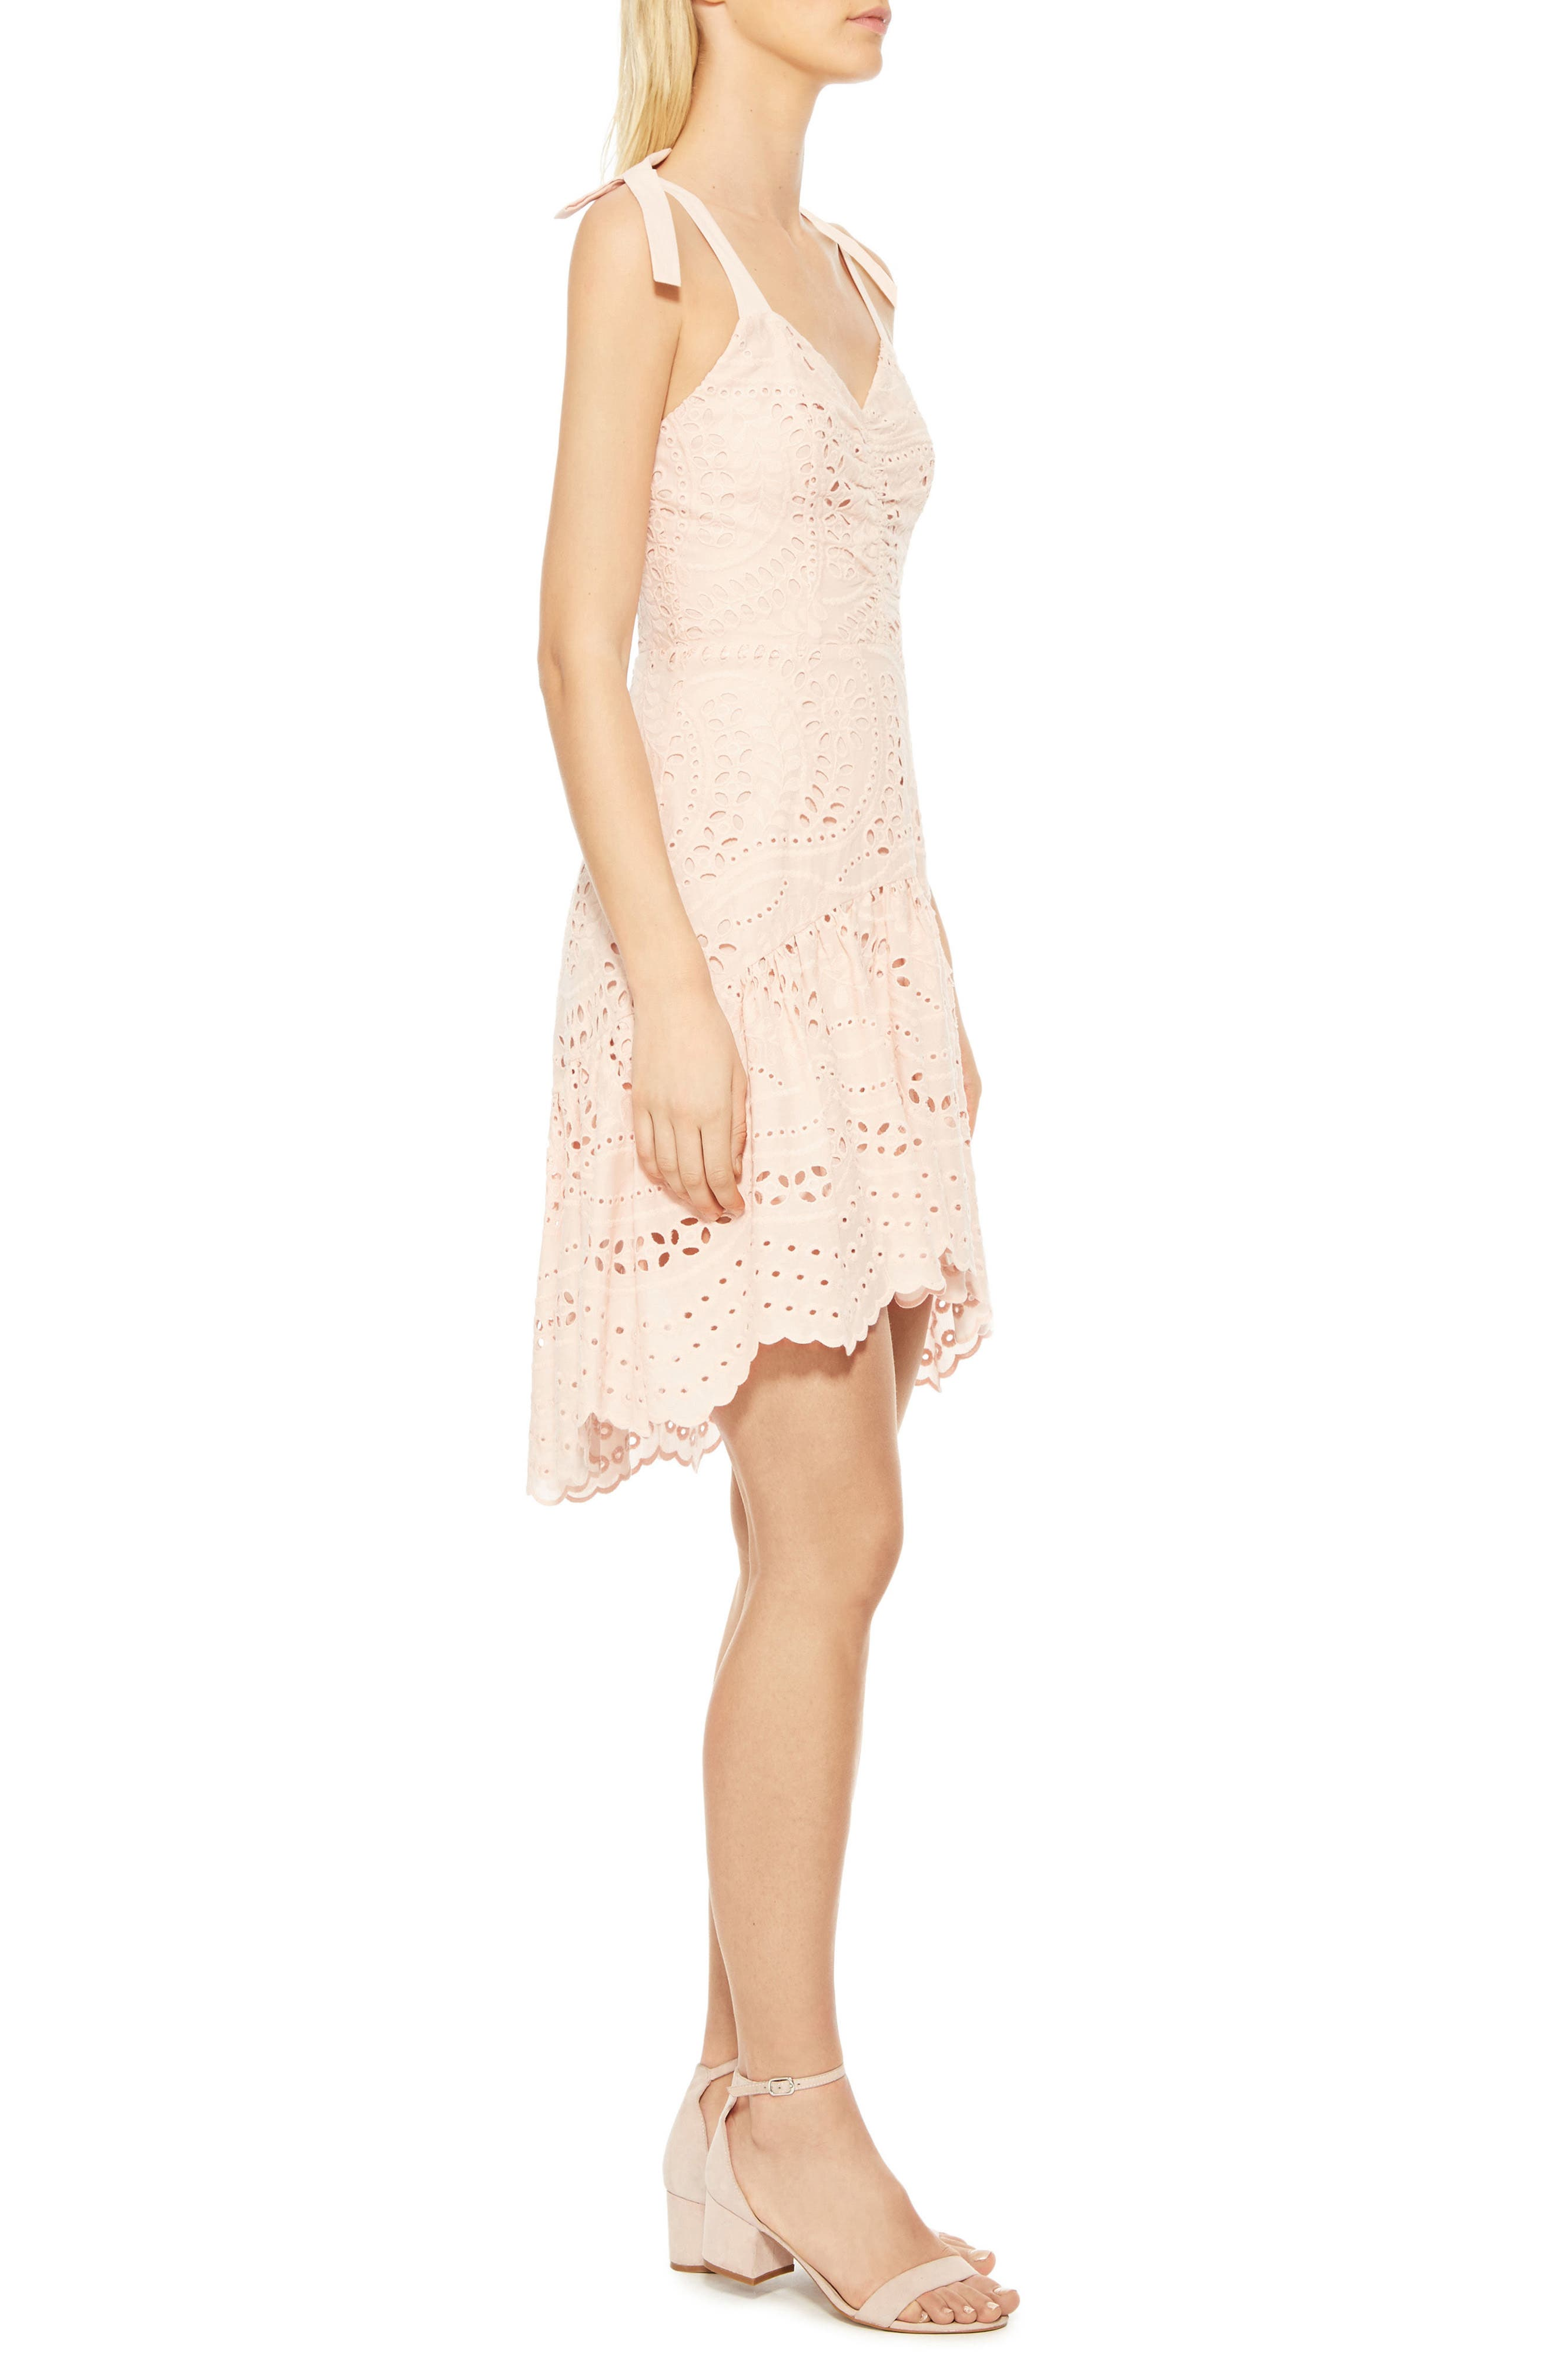 Odysseia Eyelet Cotton Dress,                             Alternate thumbnail 3, color,                             695